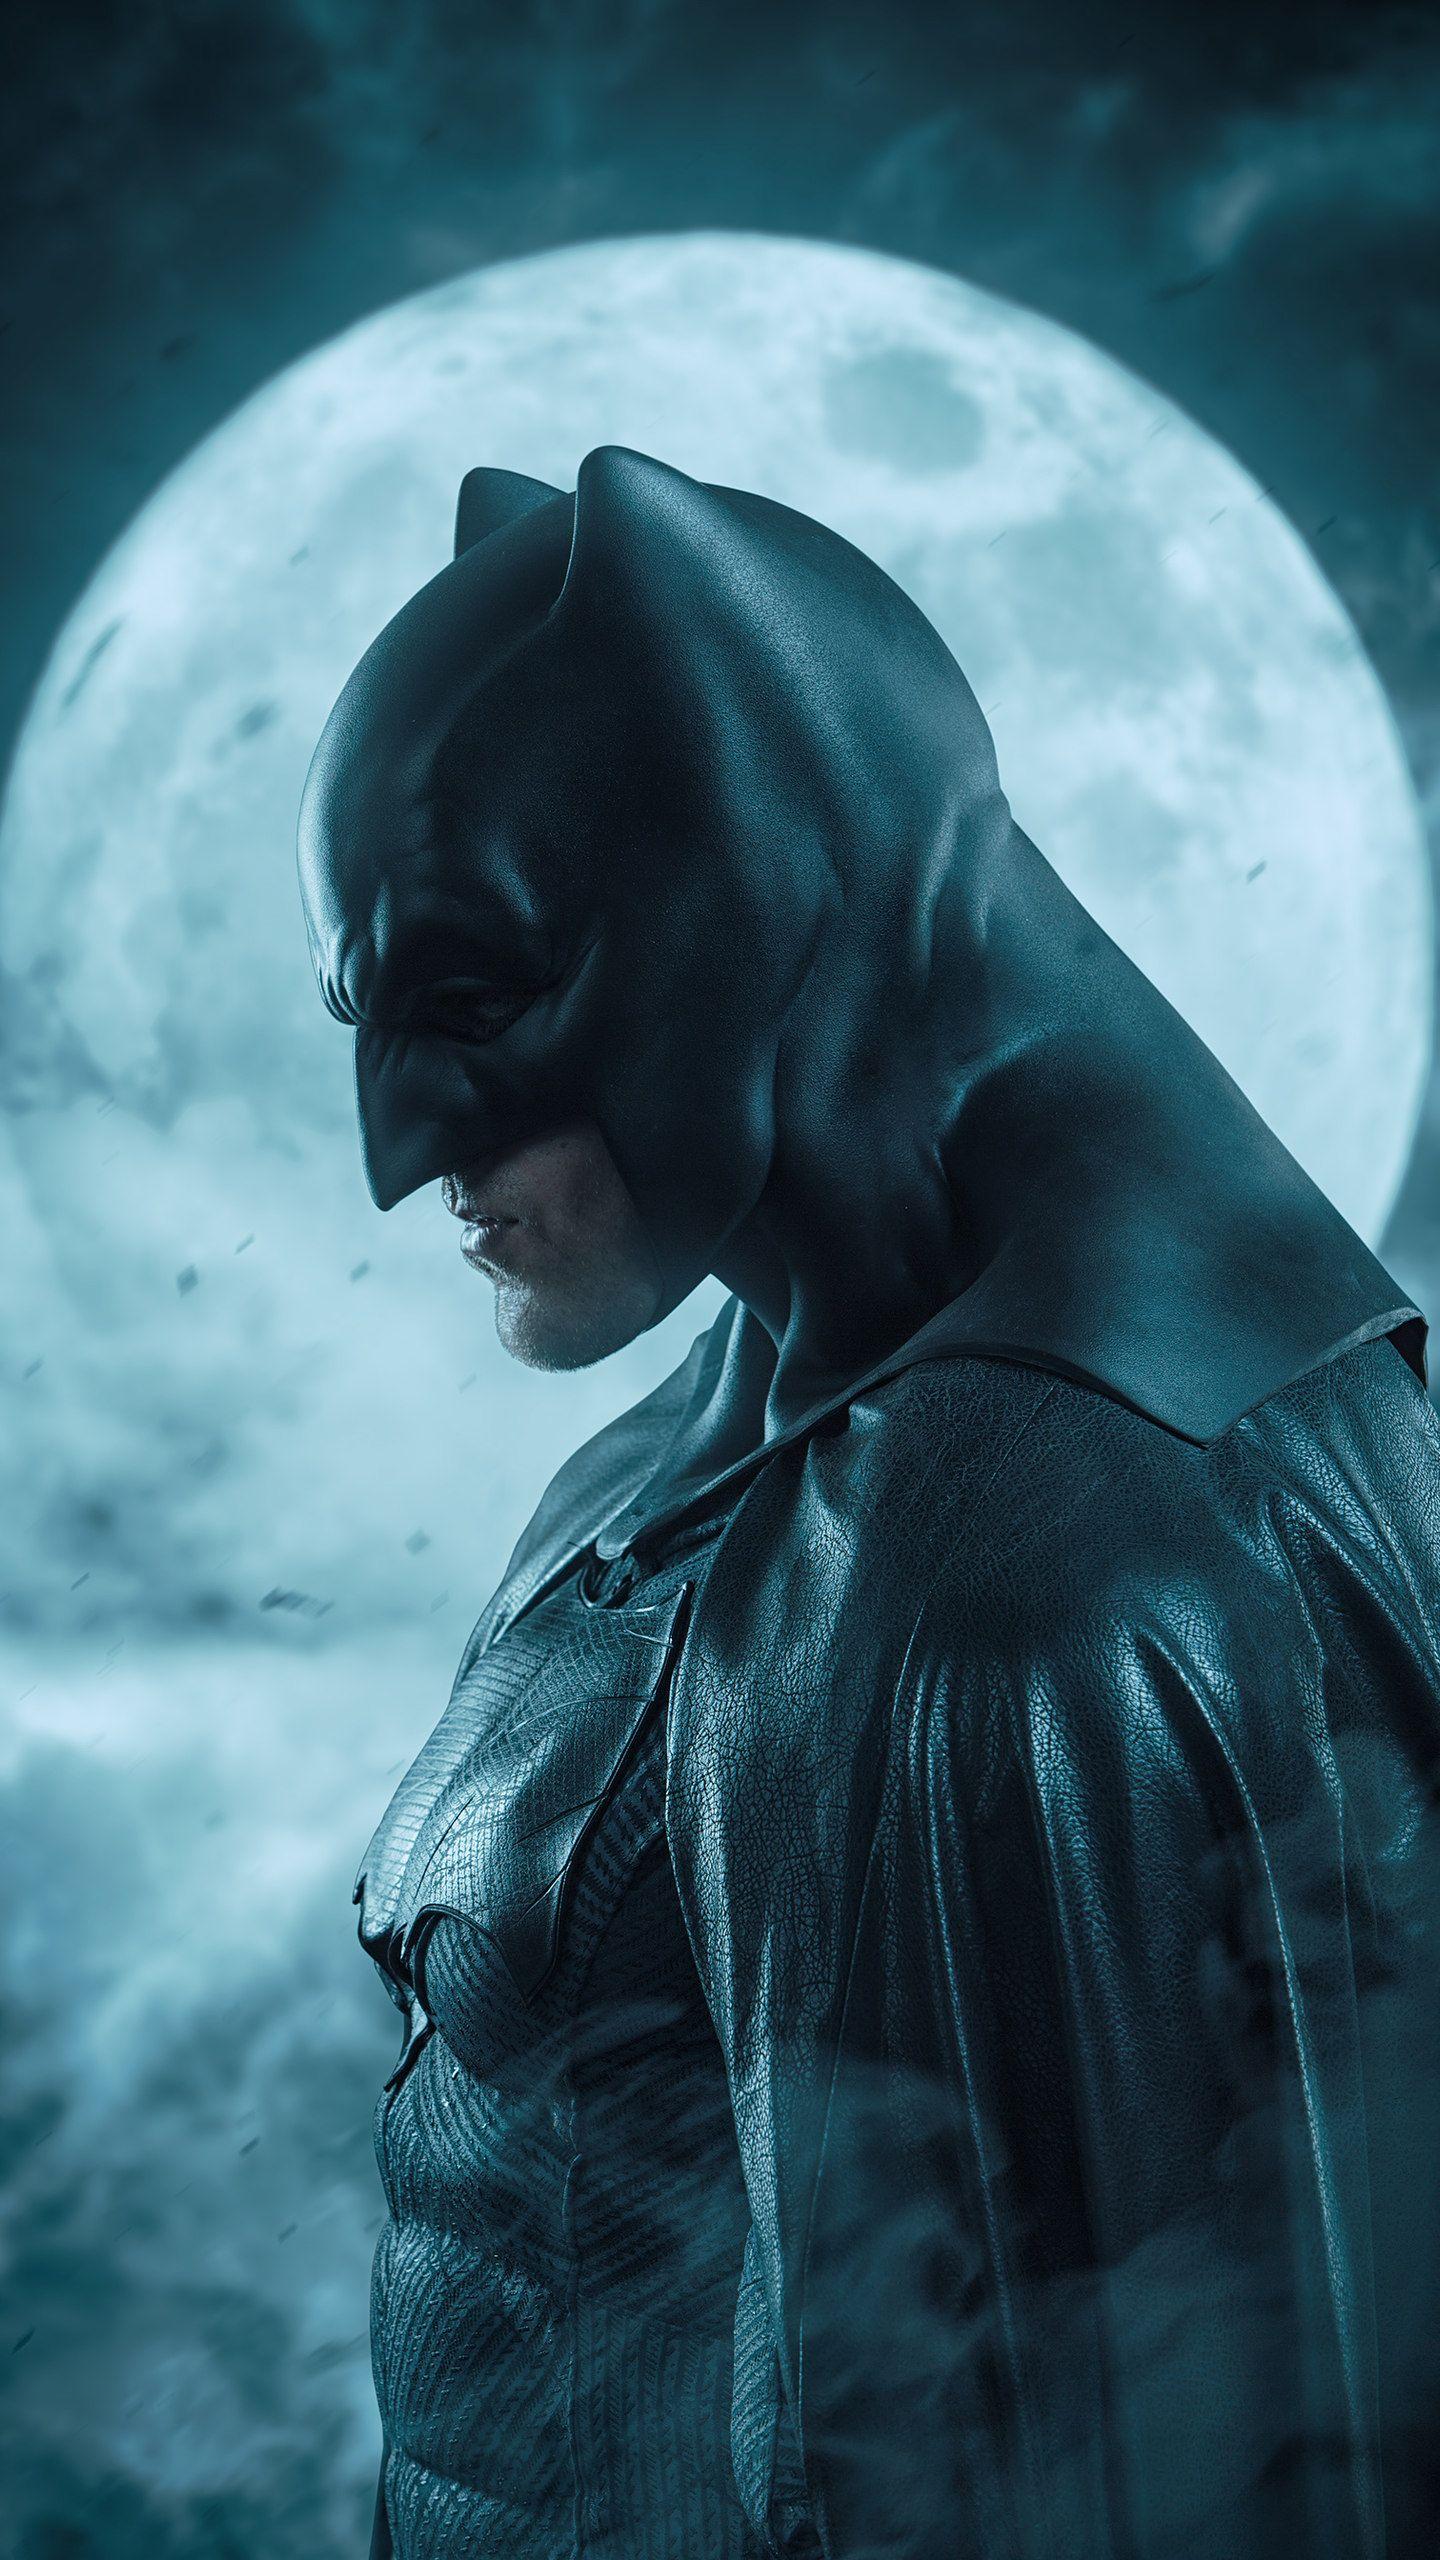 Top 10 Most Famous And Popular Superheroes Batman Batman Wallpaper Batman Poster